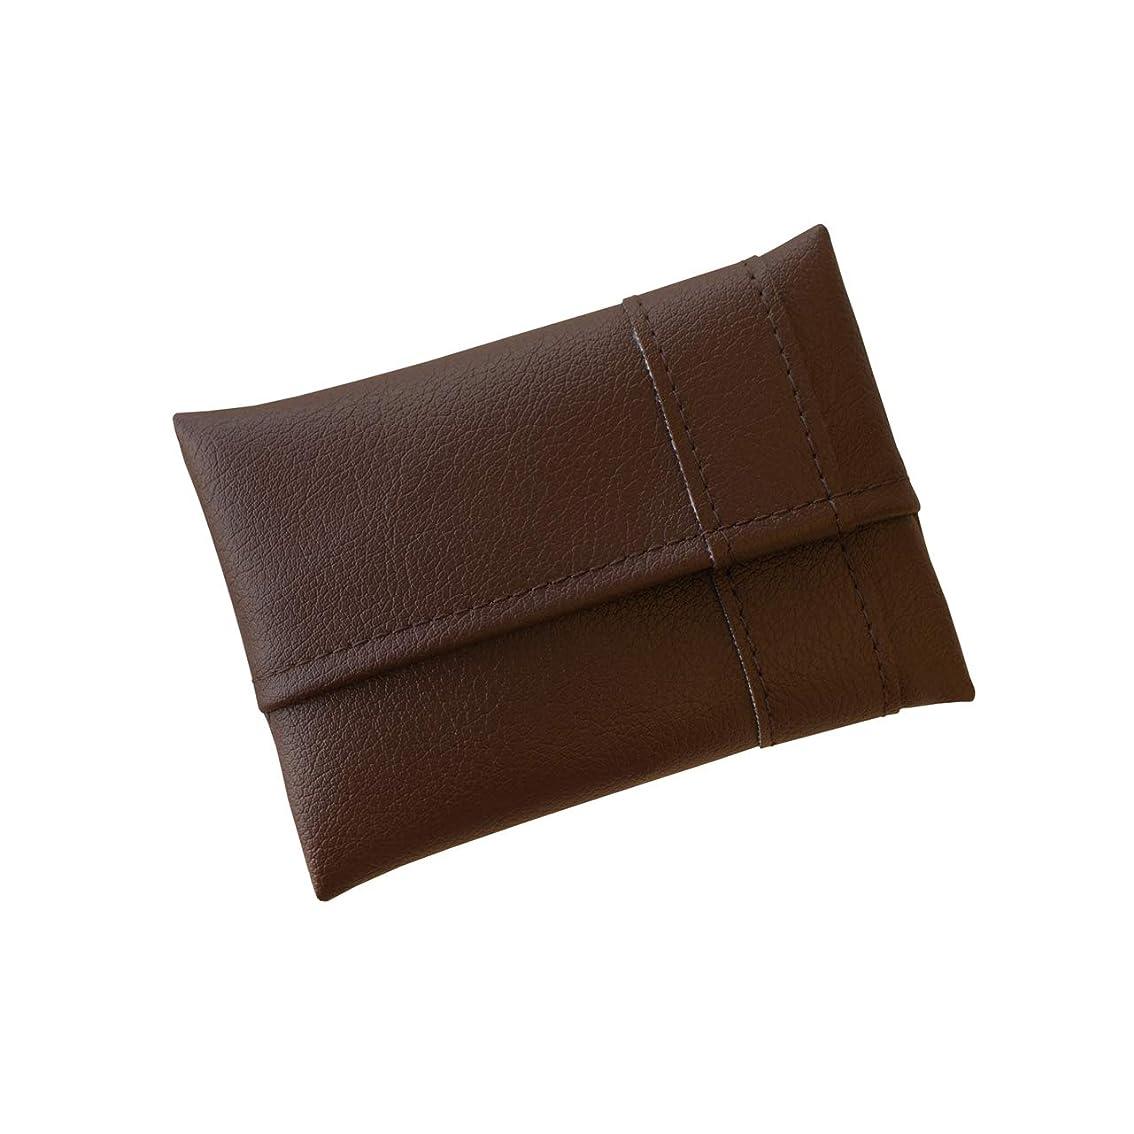 イチゴ肖像画岩TEES FACTORY ポケットティッシュケース 「POMY」 ポミー Mサイズ ブラウン 茶色